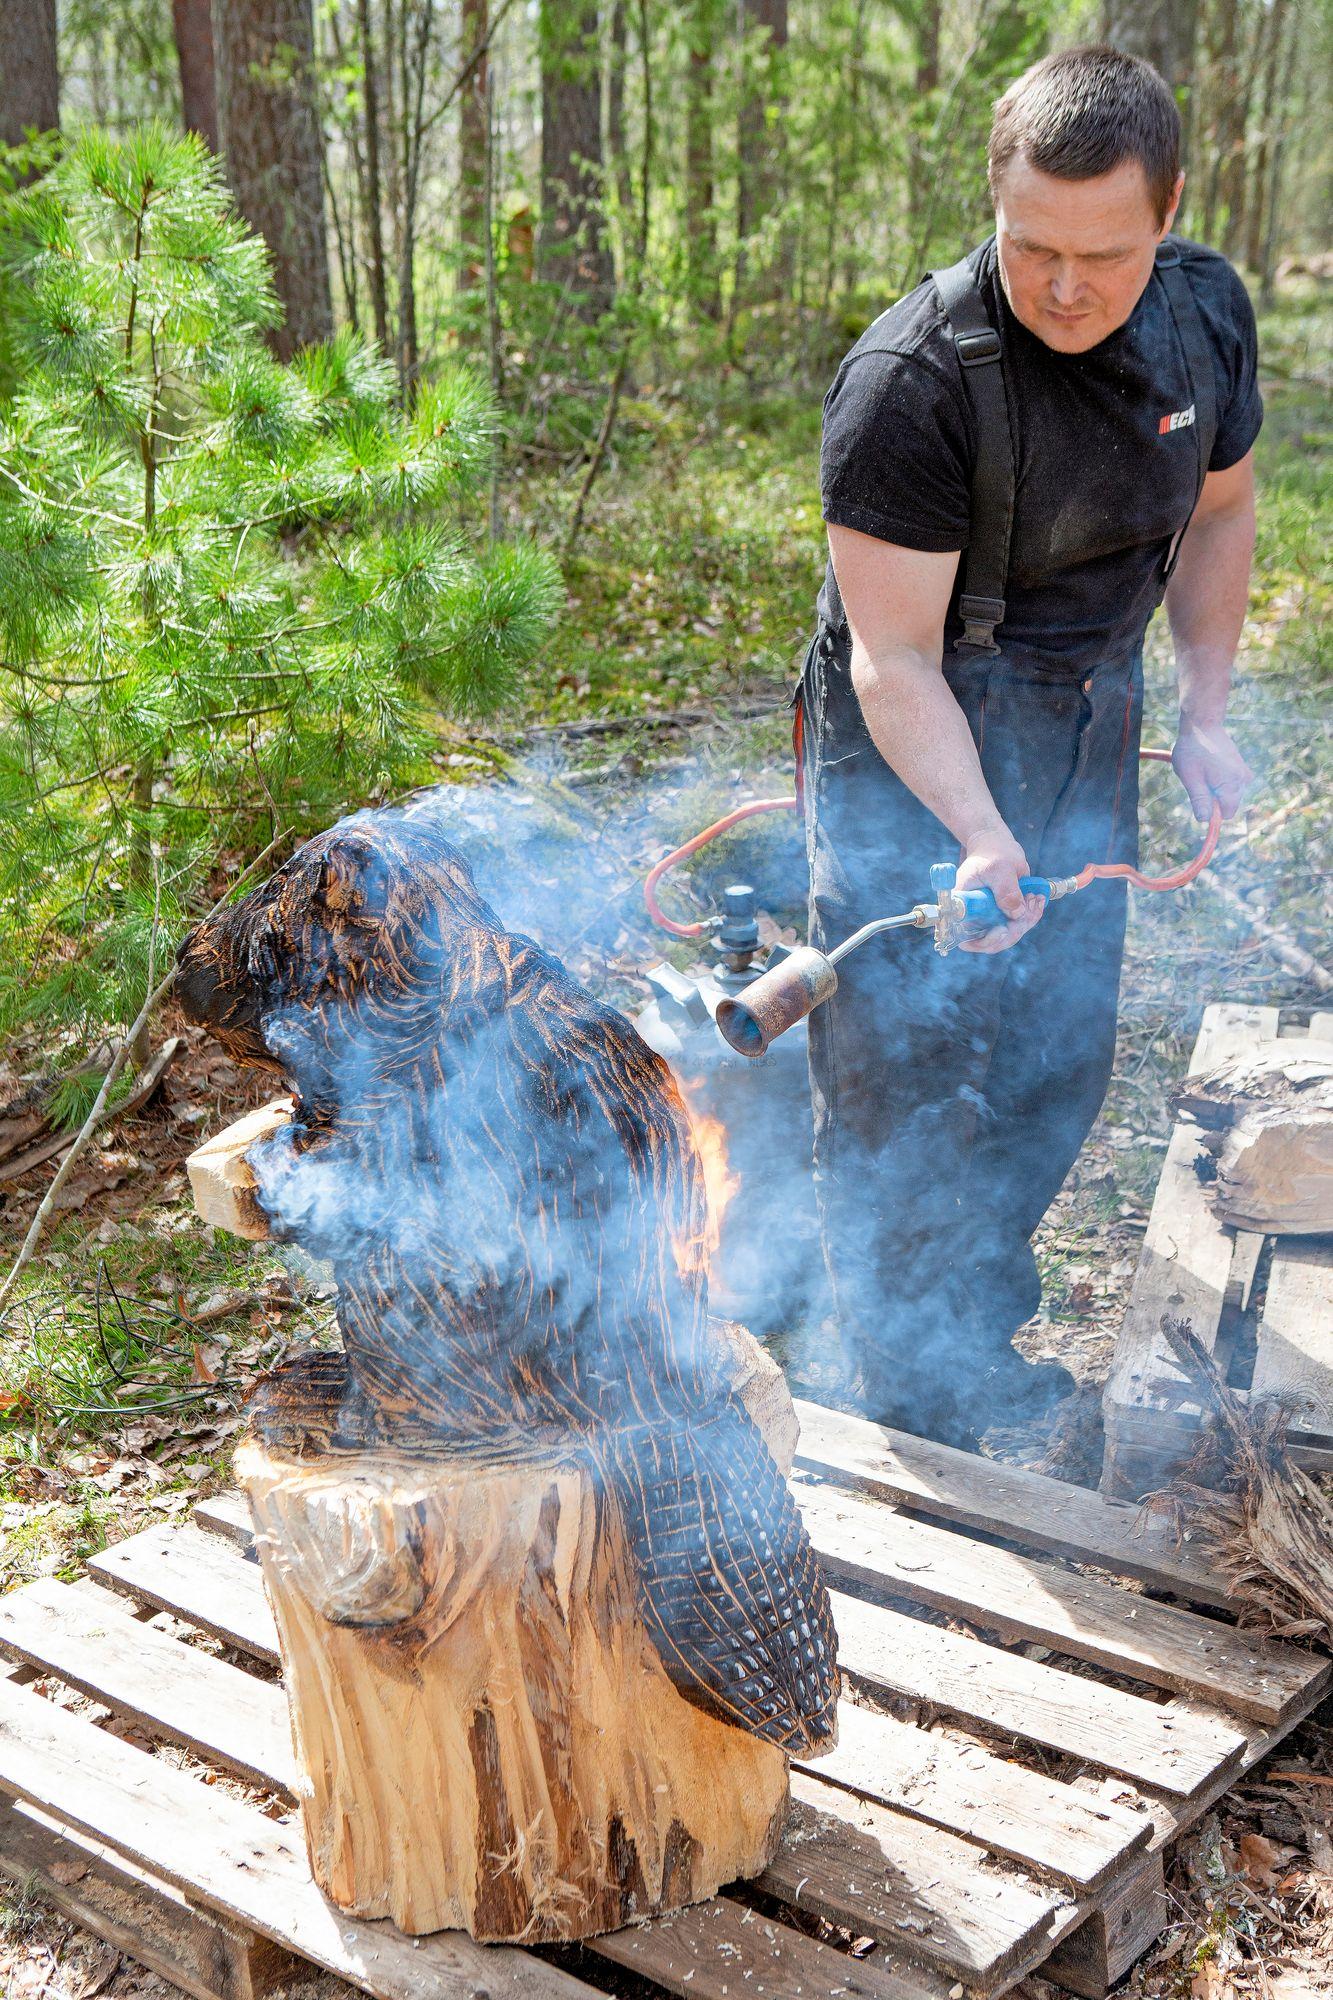 August polttaa puun pinnan tummaksi kaasupolttimella. Kauniin ulkonäön lisäksi se myös suojaa puun pintaa. © Tiiu Kaitalo